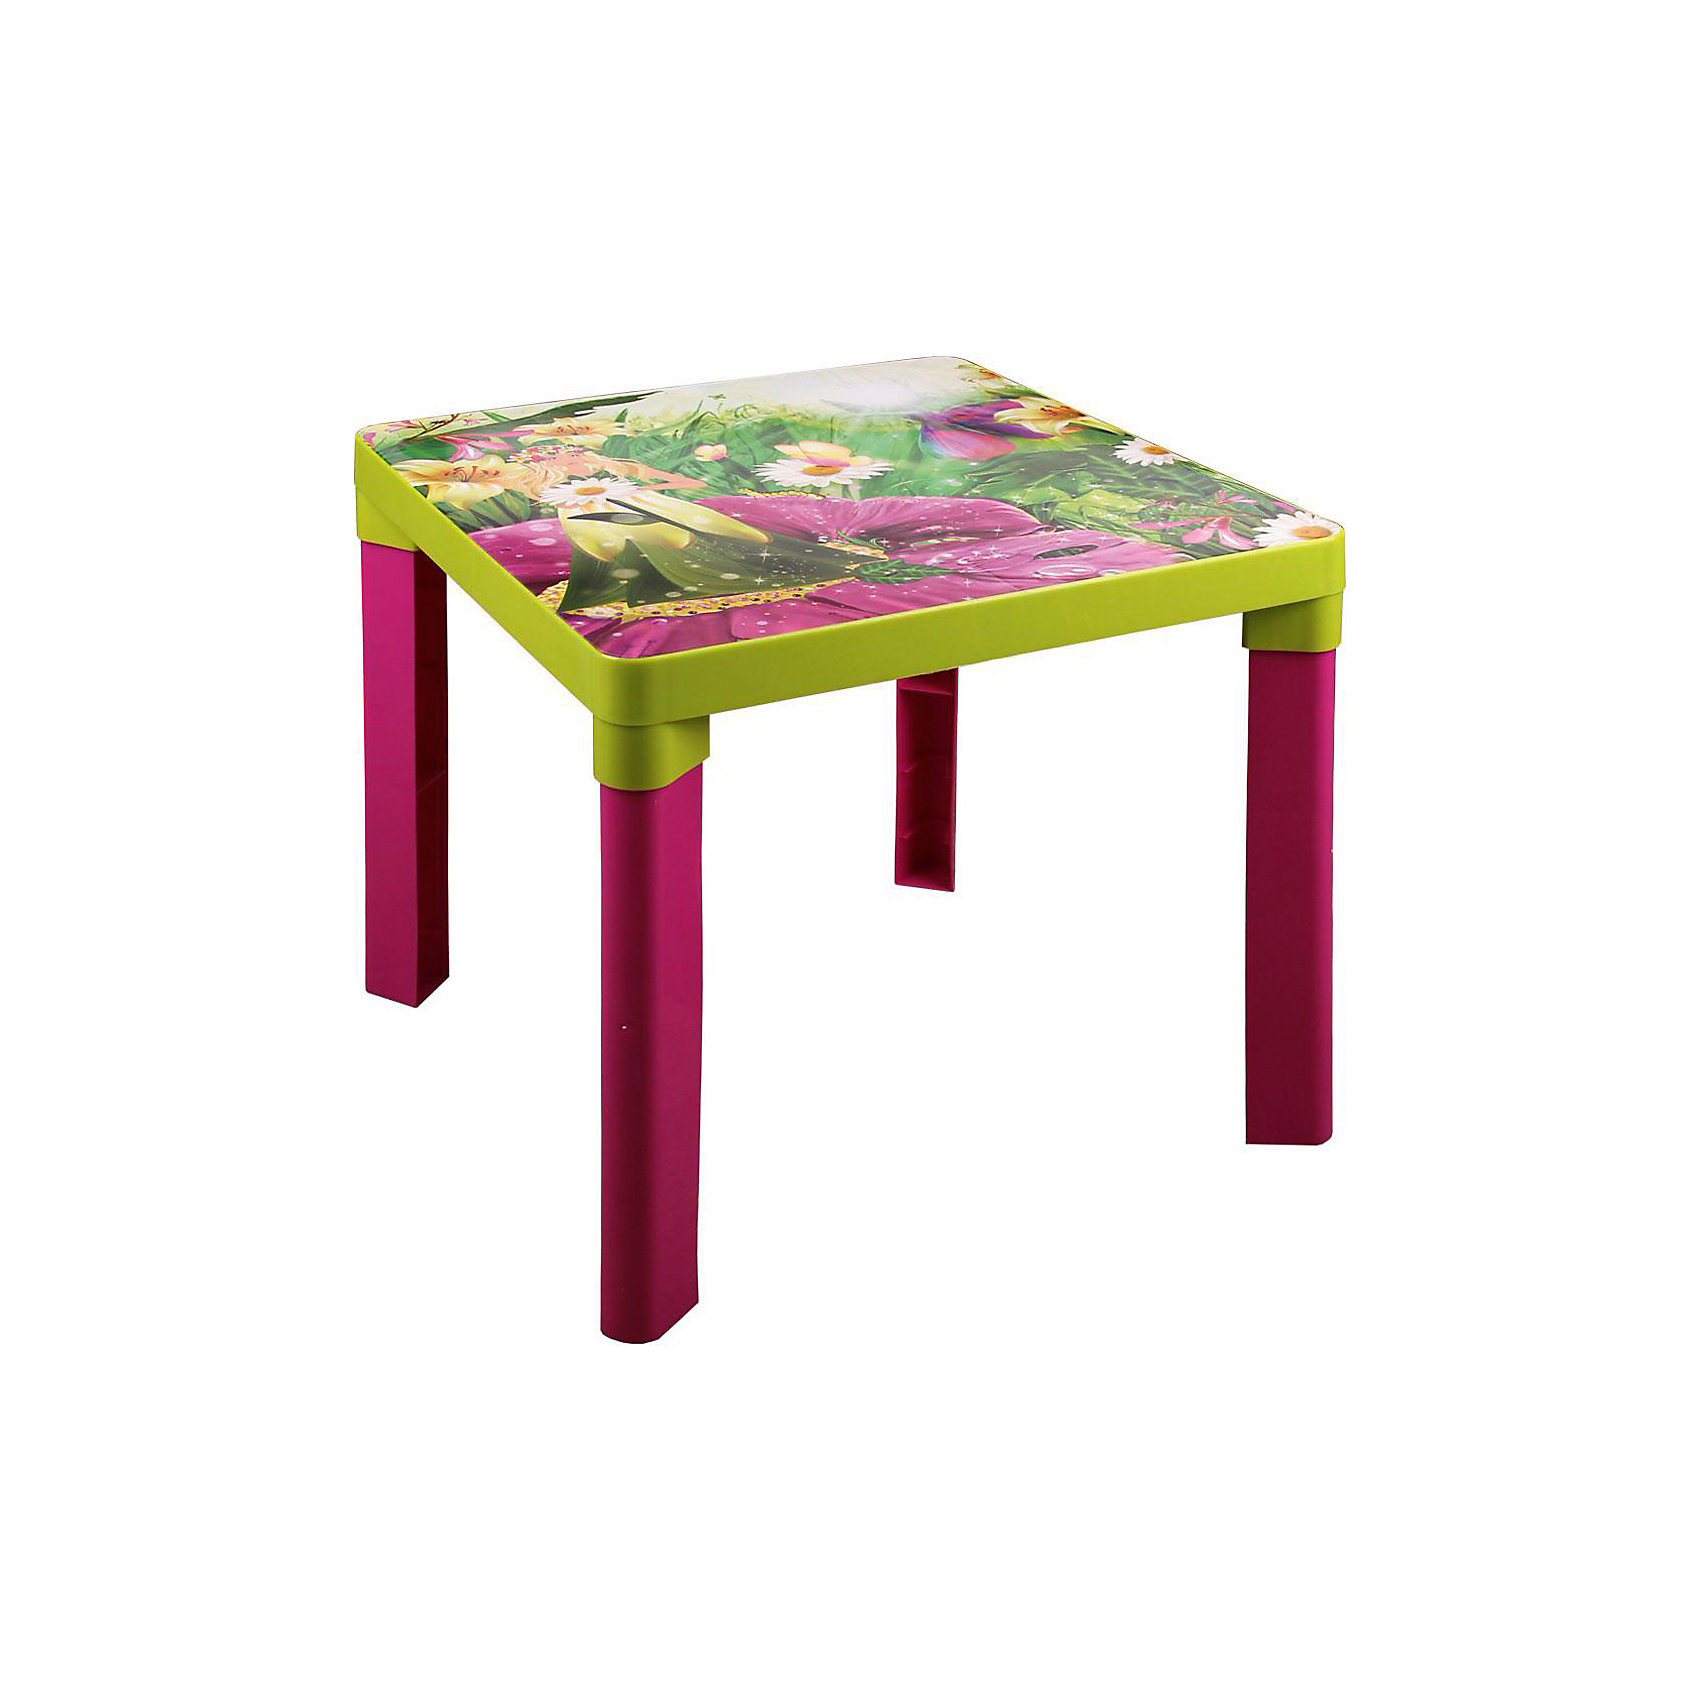 Стол детский Лесная нимфа , AlternativaМебель<br>Характеристики:<br><br>• Предназначение: для приема пищи, занятий или игр<br>• Материал: пластик<br>• Цвет: розовый, салатовый, белый, желтый <br>• Размер (Д*Ш*В):  51*51*47 см<br>• Вес: 1 кг 430 г<br>• Форма столешницы: квадратная<br>• Особенности ухода: разрешается мыть <br><br>Стол детский Лесная нимфа, Alternativa изготовлен отечественным производителем ООО ЗПИ Альтернатива, который специализируется на выпуске широкого спектра изделий и предметов мебели из пластика. Стол выполнен из экологически безопасного и прочного пластика, устойчивого к механическим повреждениям и изменению цвета. Детский стол является безопасным для ребенка: у него отсутствуют острые углы, он имеет легкий вес, но при этом очень устойчивый за счет широких ножек. Столешница выполнена в форме квадрата, имеет яркий дизайн в виде рисунка лесной нимфы. Стол имеет компактный размер и разборную конструкцию, благодаря чему его можно брать с собой на дачу. Для стола можно подобрать стул от производителя, выполненный в том же дизайне, что и стол.<br><br>Стол детский Лесная нимфа, Alternativa можно купить в нашем интернет-магазине.<br><br>Ширина мм: 510<br>Глубина мм: 510<br>Высота мм: 470<br>Вес г: 1430<br>Возраст от месяцев: 36<br>Возраст до месяцев: 84<br>Пол: Женский<br>Возраст: Детский<br>SKU: 5096688